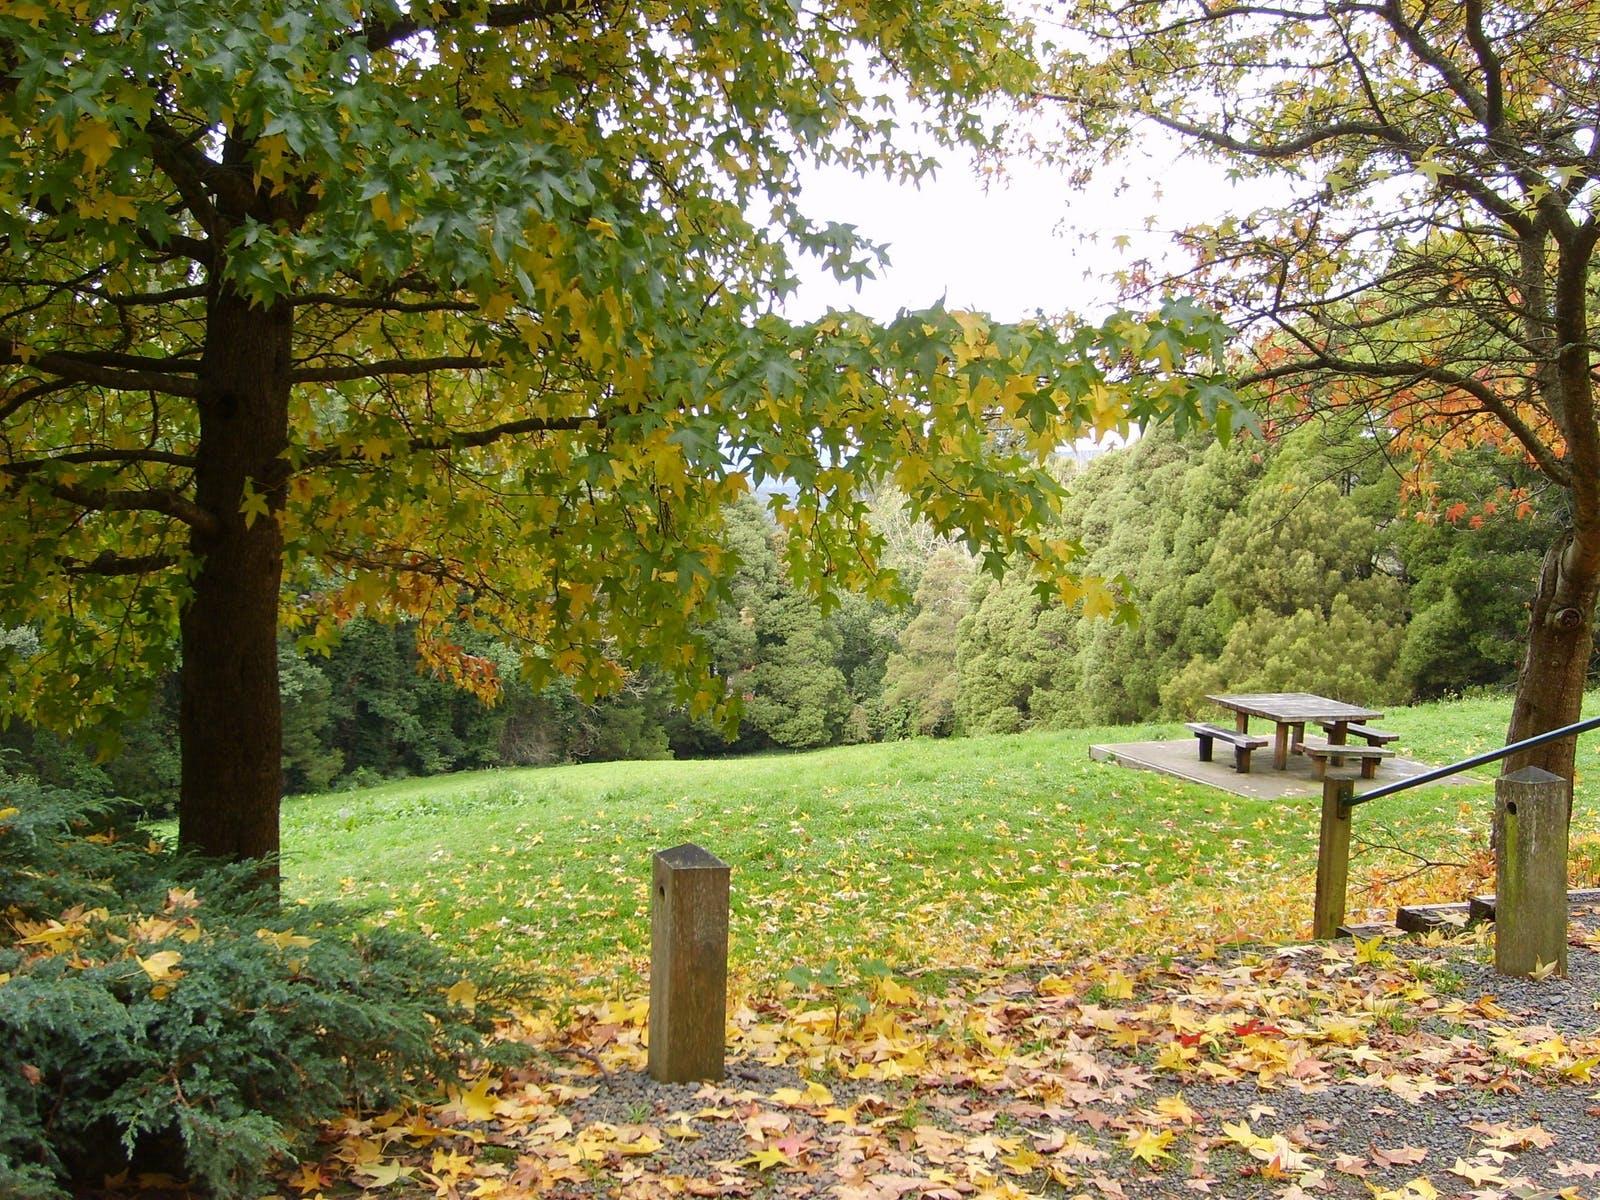 Mount Dandenong Arboretum